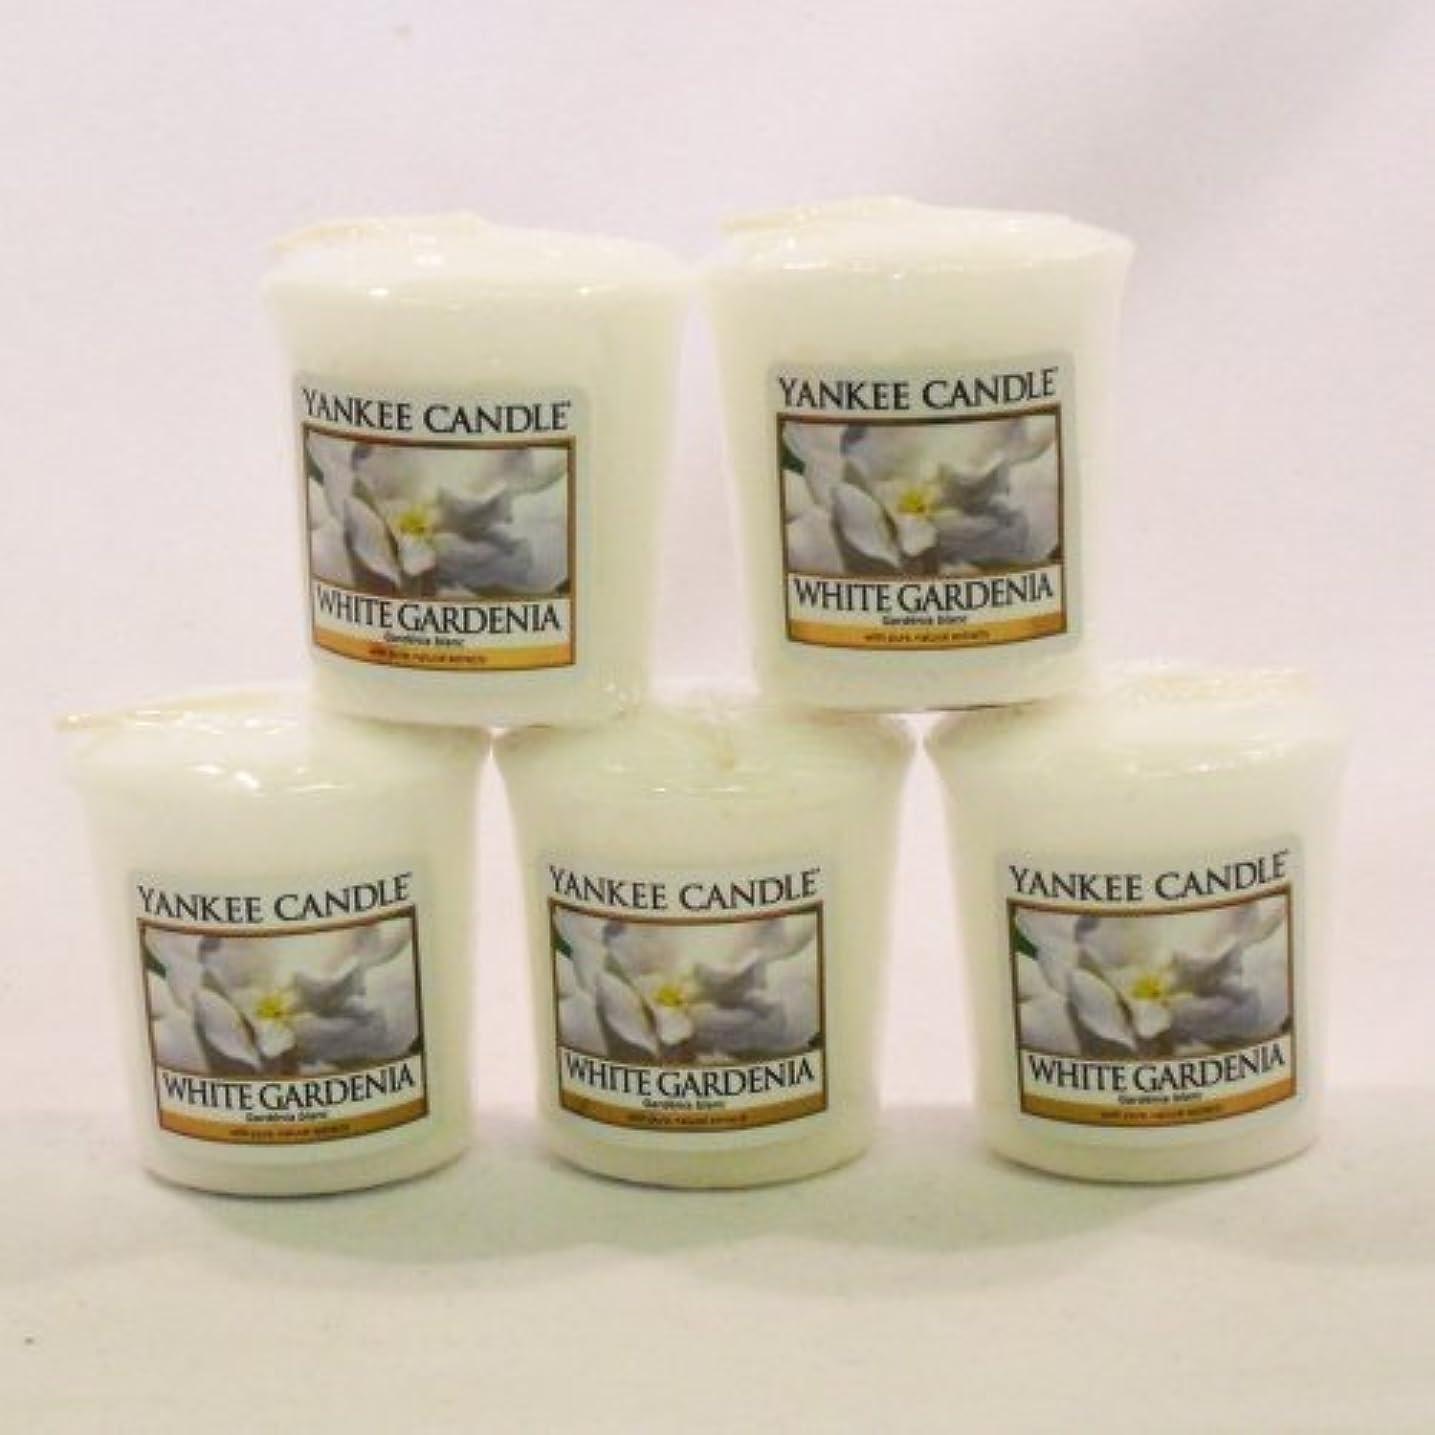 プレゼント系譜アルカトラズ島Yankee Candleサンプラーvotives-yankee Candle – 5 xホワイトGardenia Votive Samplers – 新しい香りfor 2012 。